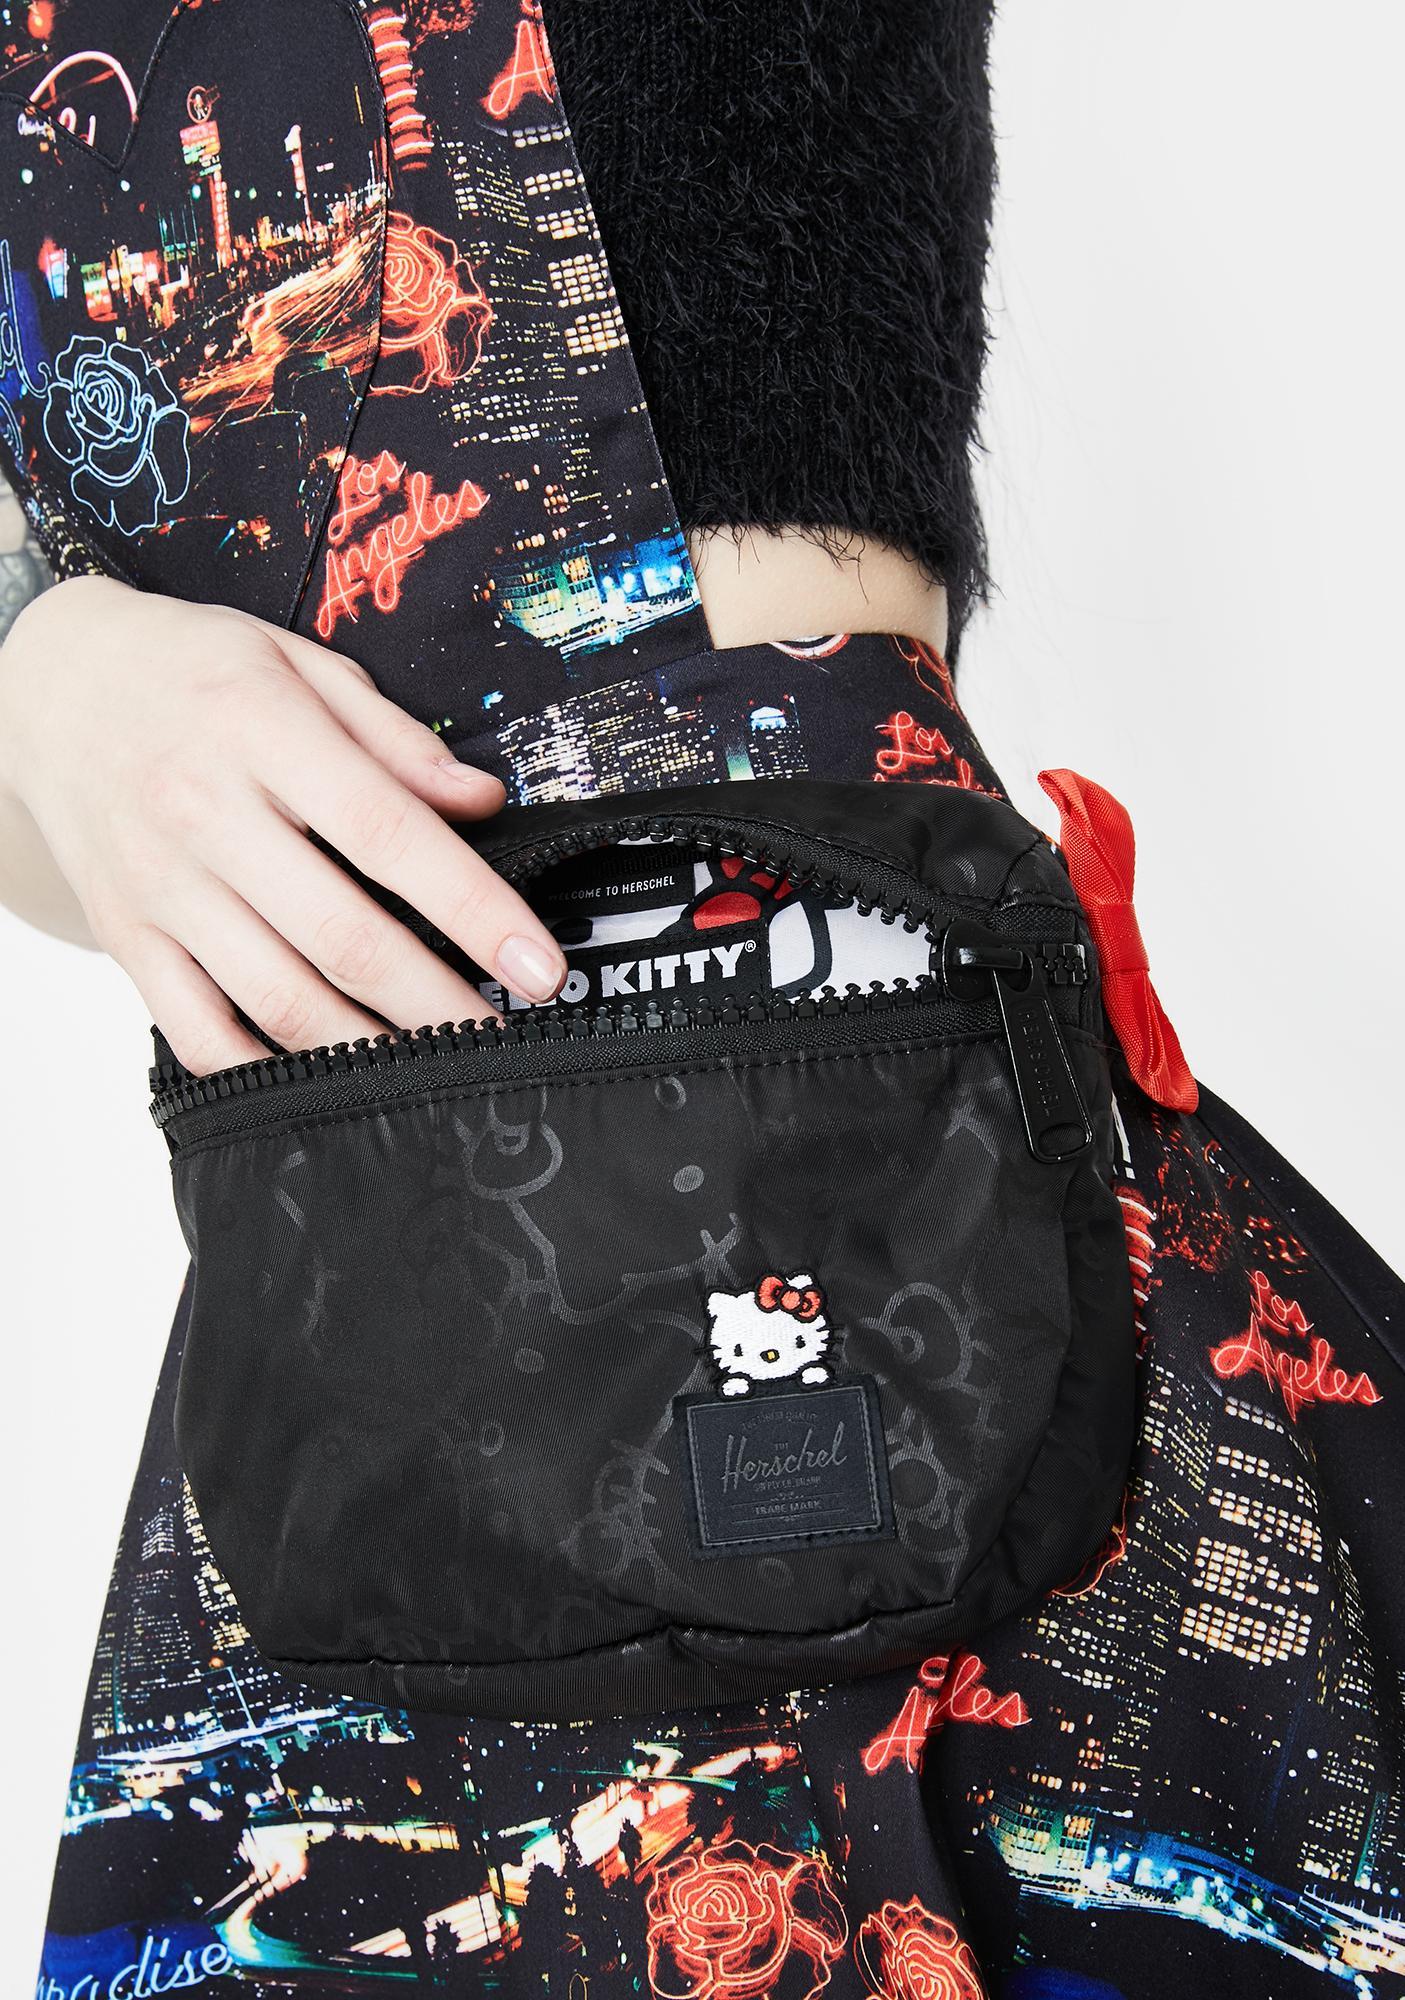 Herschel X Hello Kitty Satin Hip Pack